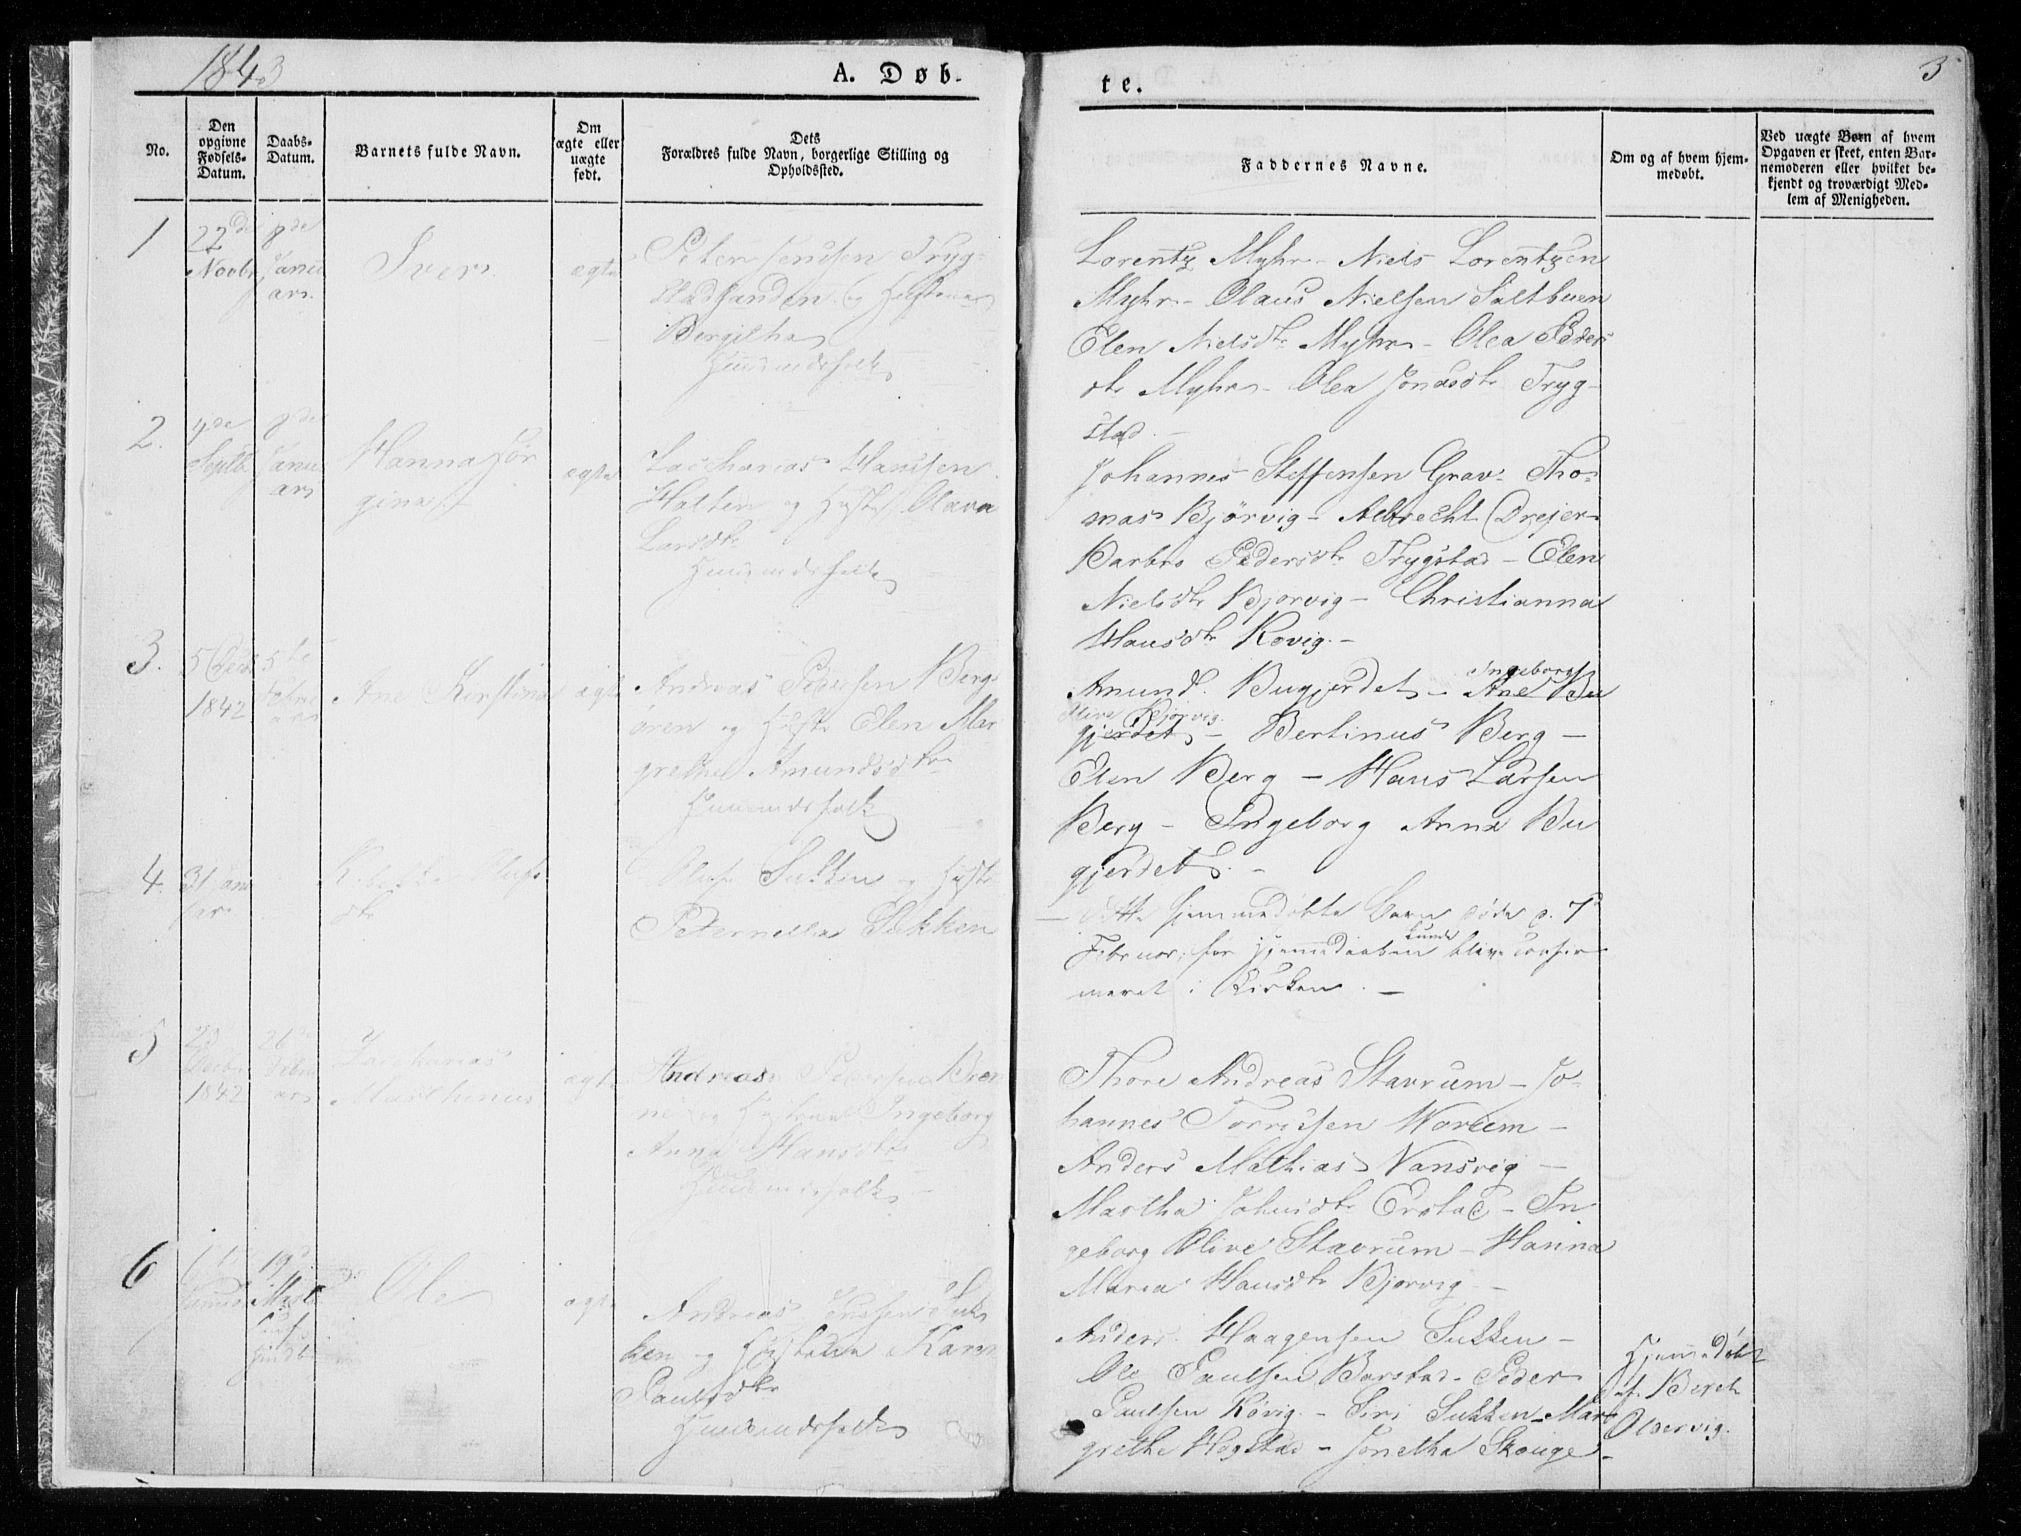 SAT, Ministerialprotokoller, klokkerbøker og fødselsregistre - Nord-Trøndelag, 722/L0218: Ministerialbok nr. 722A05, 1843-1868, s. 3